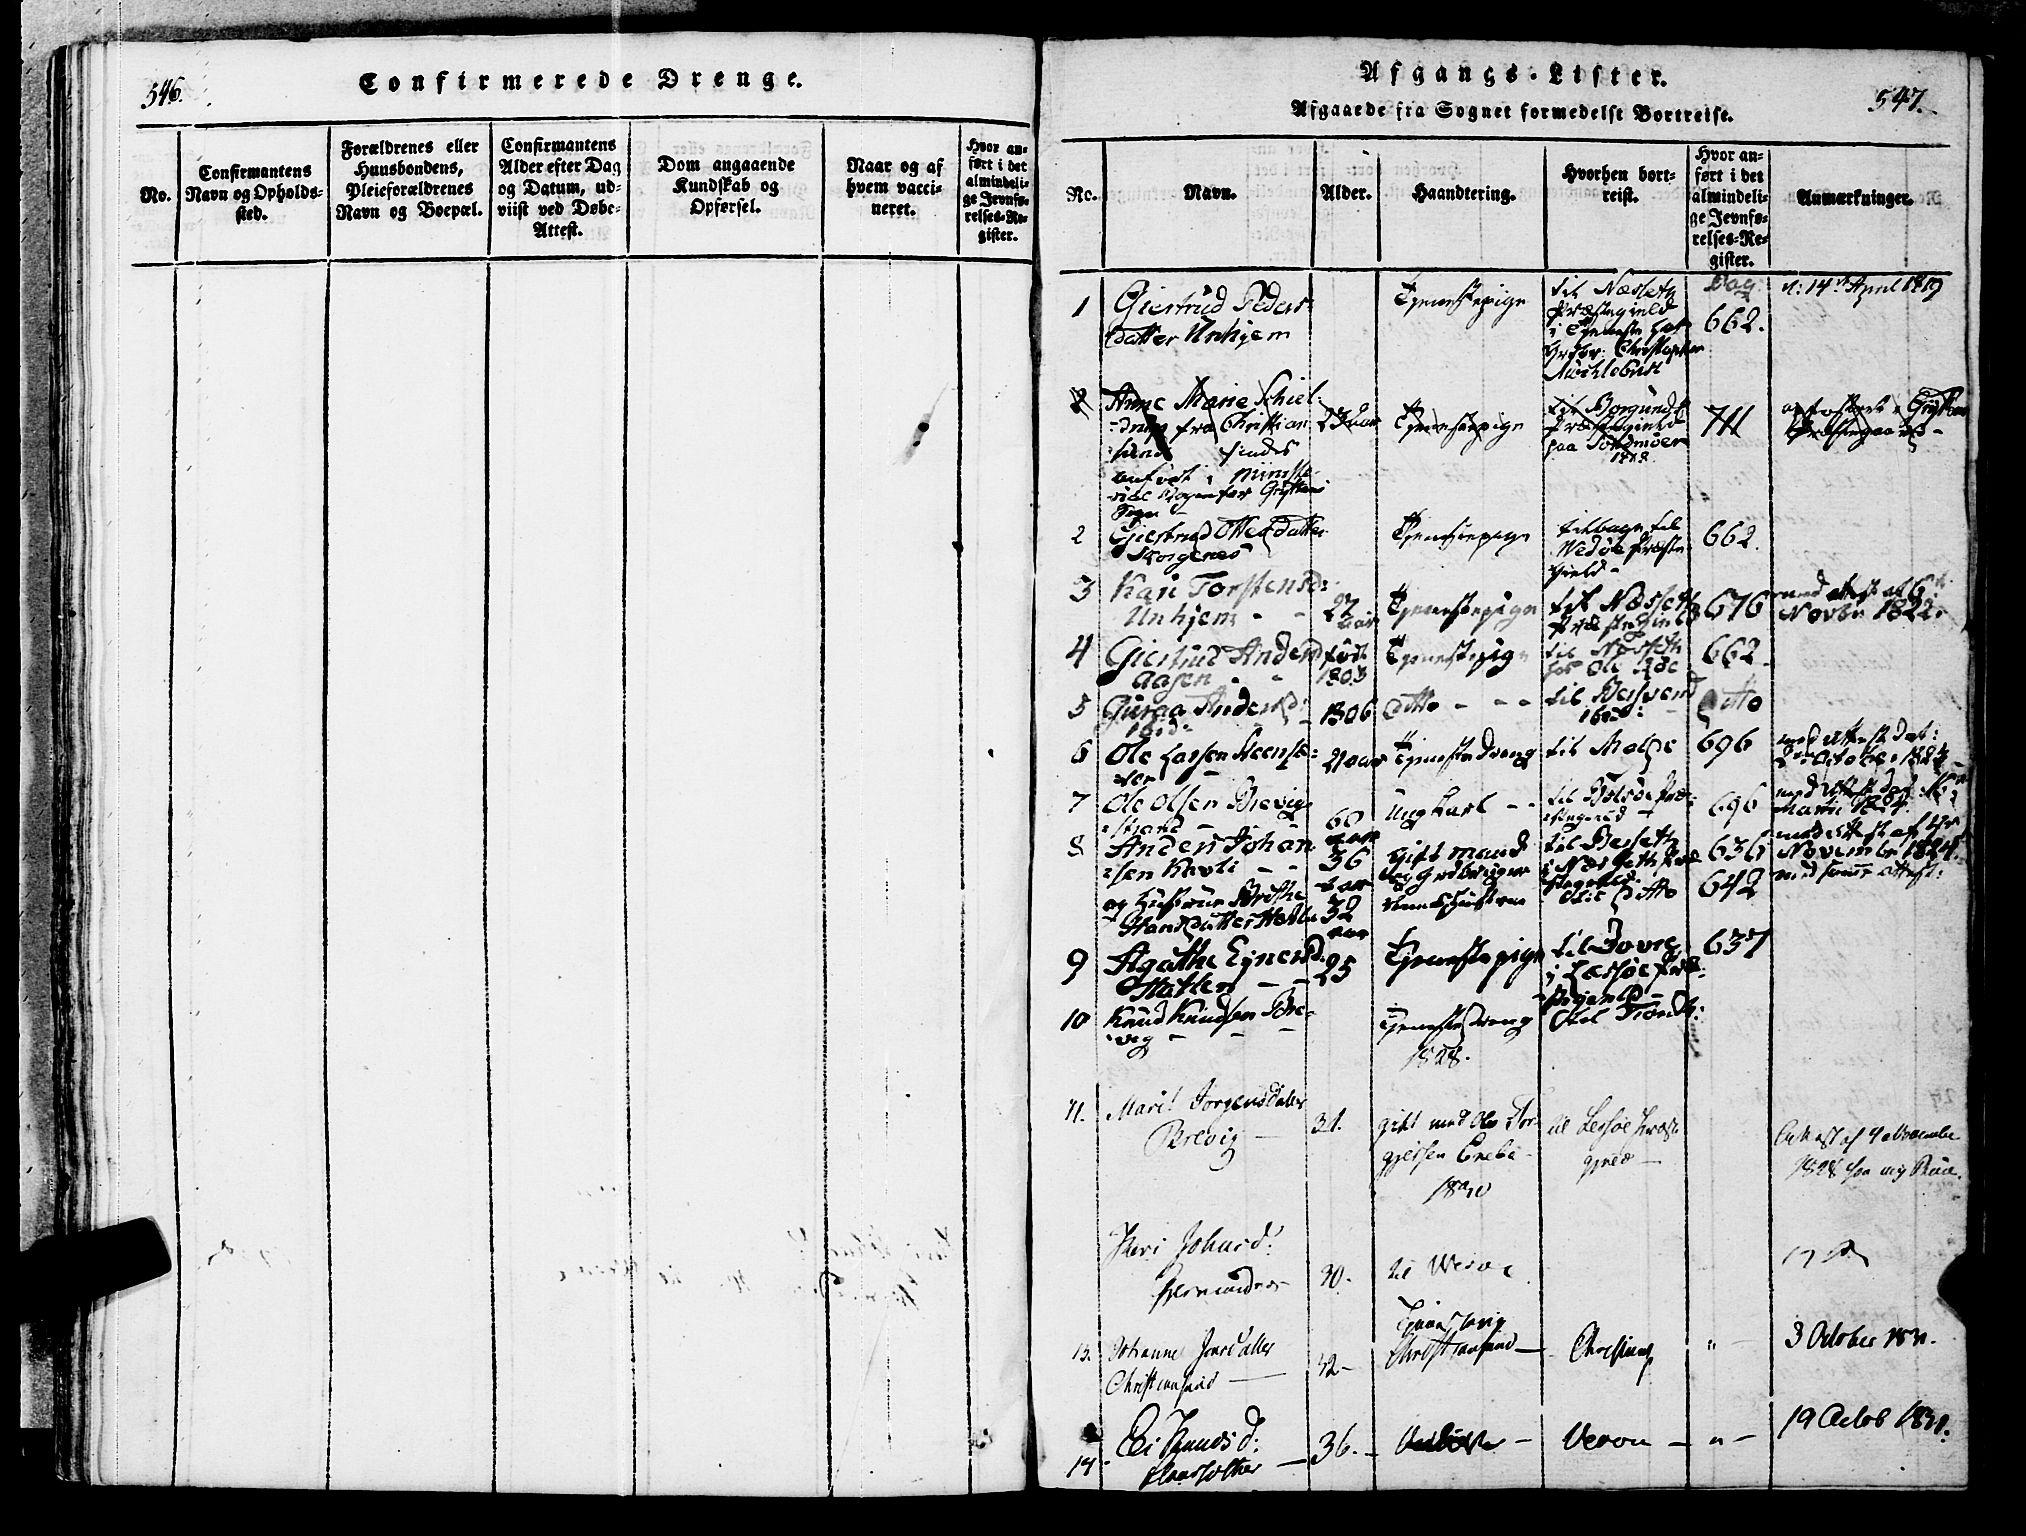 SAT, Ministerialprotokoller, klokkerbøker og fødselsregistre - Møre og Romsdal, 545/L0585: Ministerialbok nr. 545A01, 1818-1853, s. 546-547